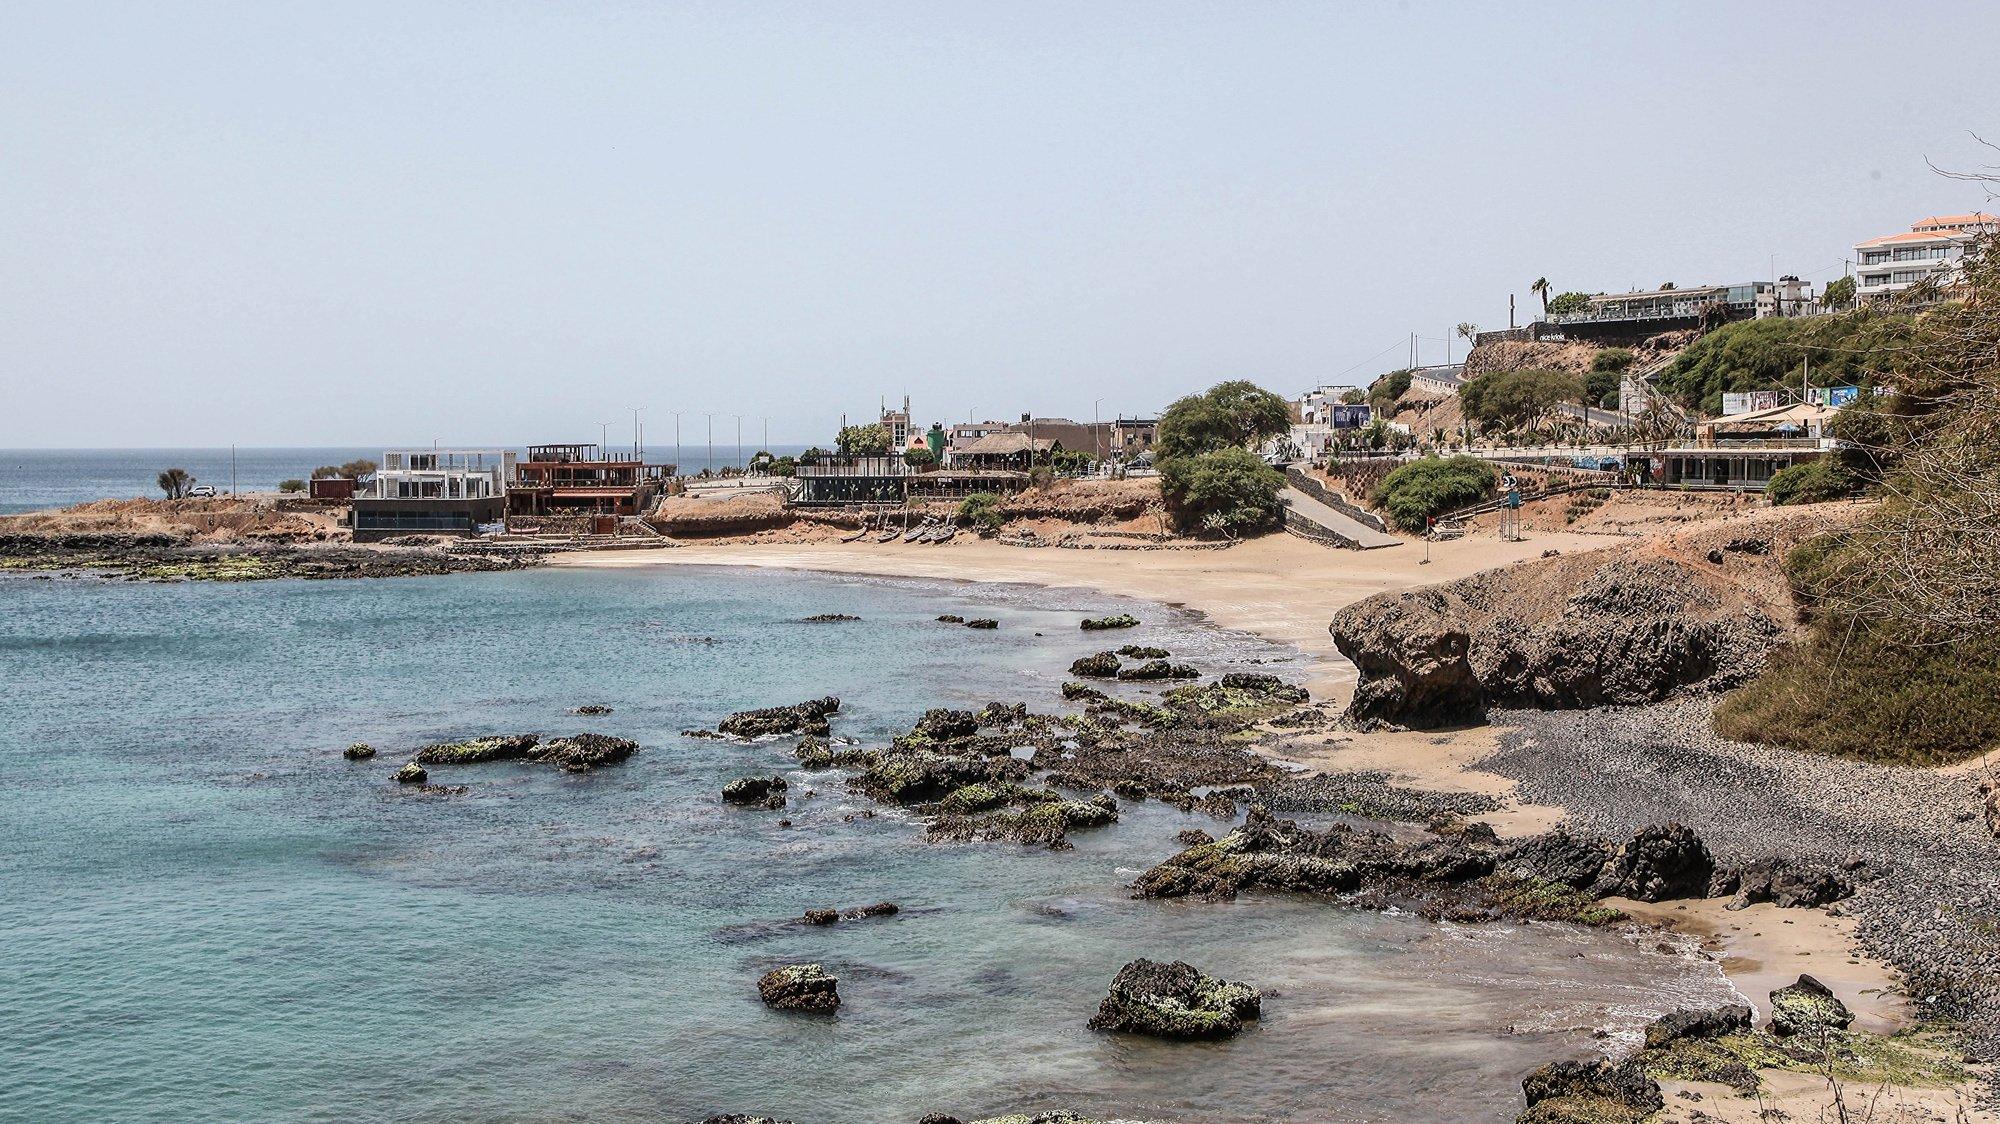 Praias da cidade da Praia encontram-se vedadas a banhistas depois da proibição balnear decretada pelo Governo como prevenção à pandemia da covid-19, em Cabo Verde, 22 de março de 2020. Cabo Verde já regista três casos da covid-19, provocada por um novo coronavírus, mas todos localizados na ilha da Boa Vista, que está de quarentena. FERNANDO DE PINA/LUSA